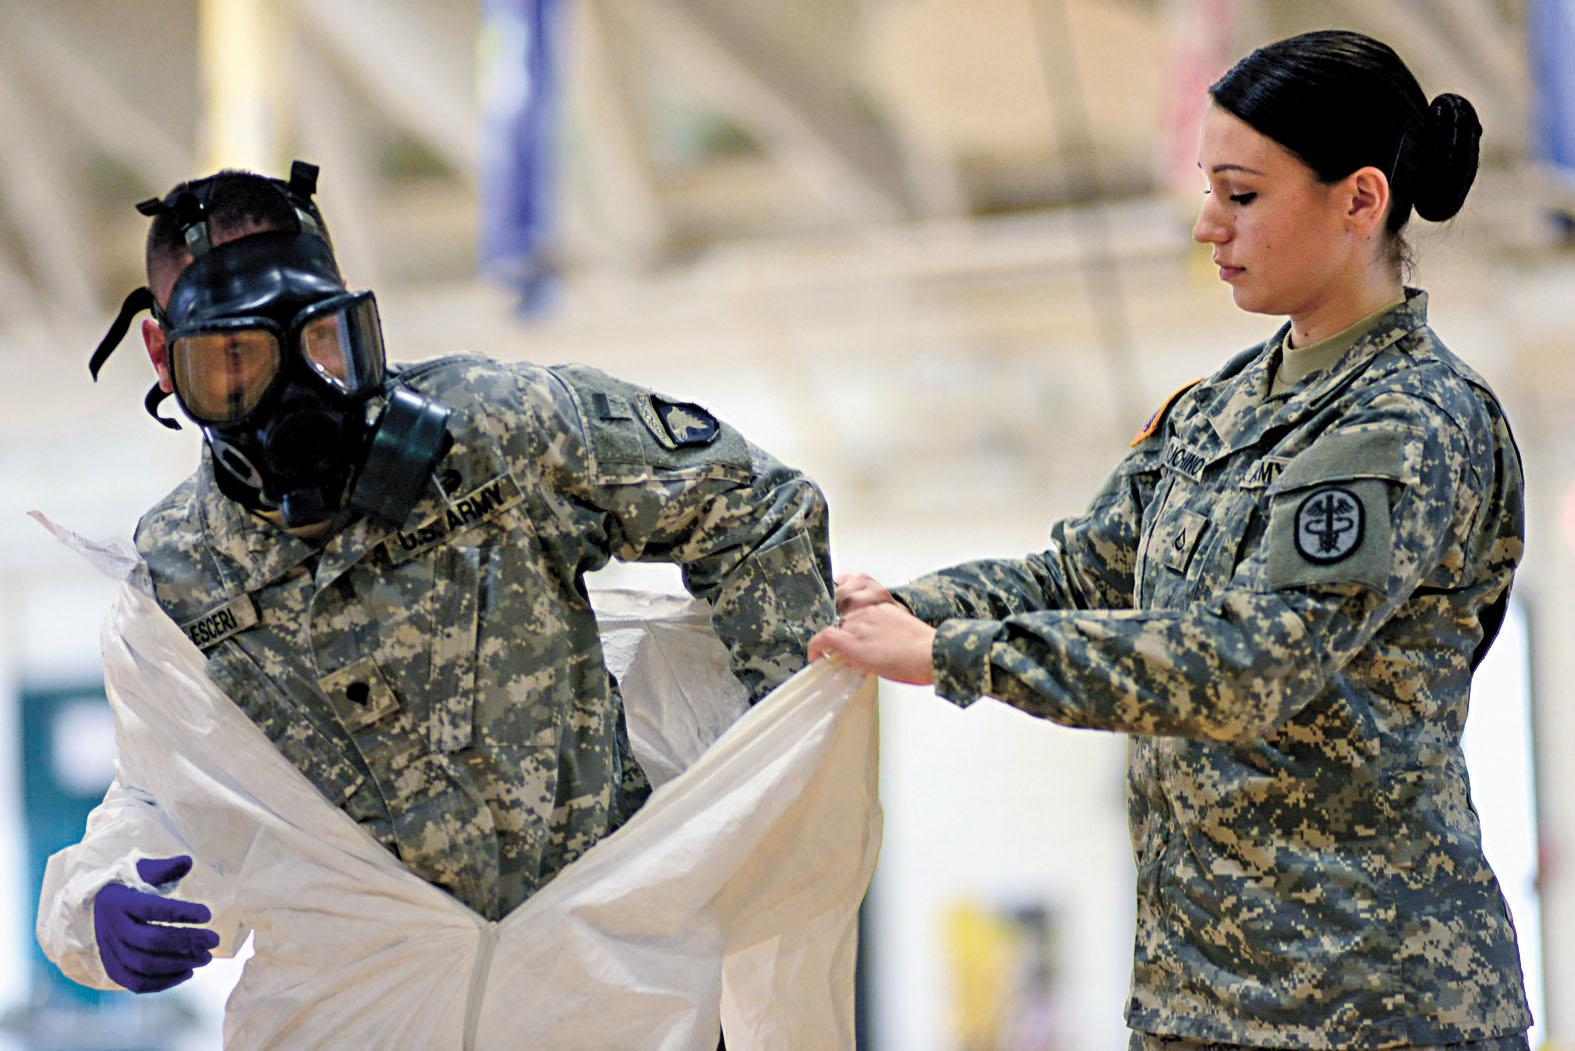 伊波拉病毒爆發時,美軍士兵到西非幫助防疫。路透社資料圖片